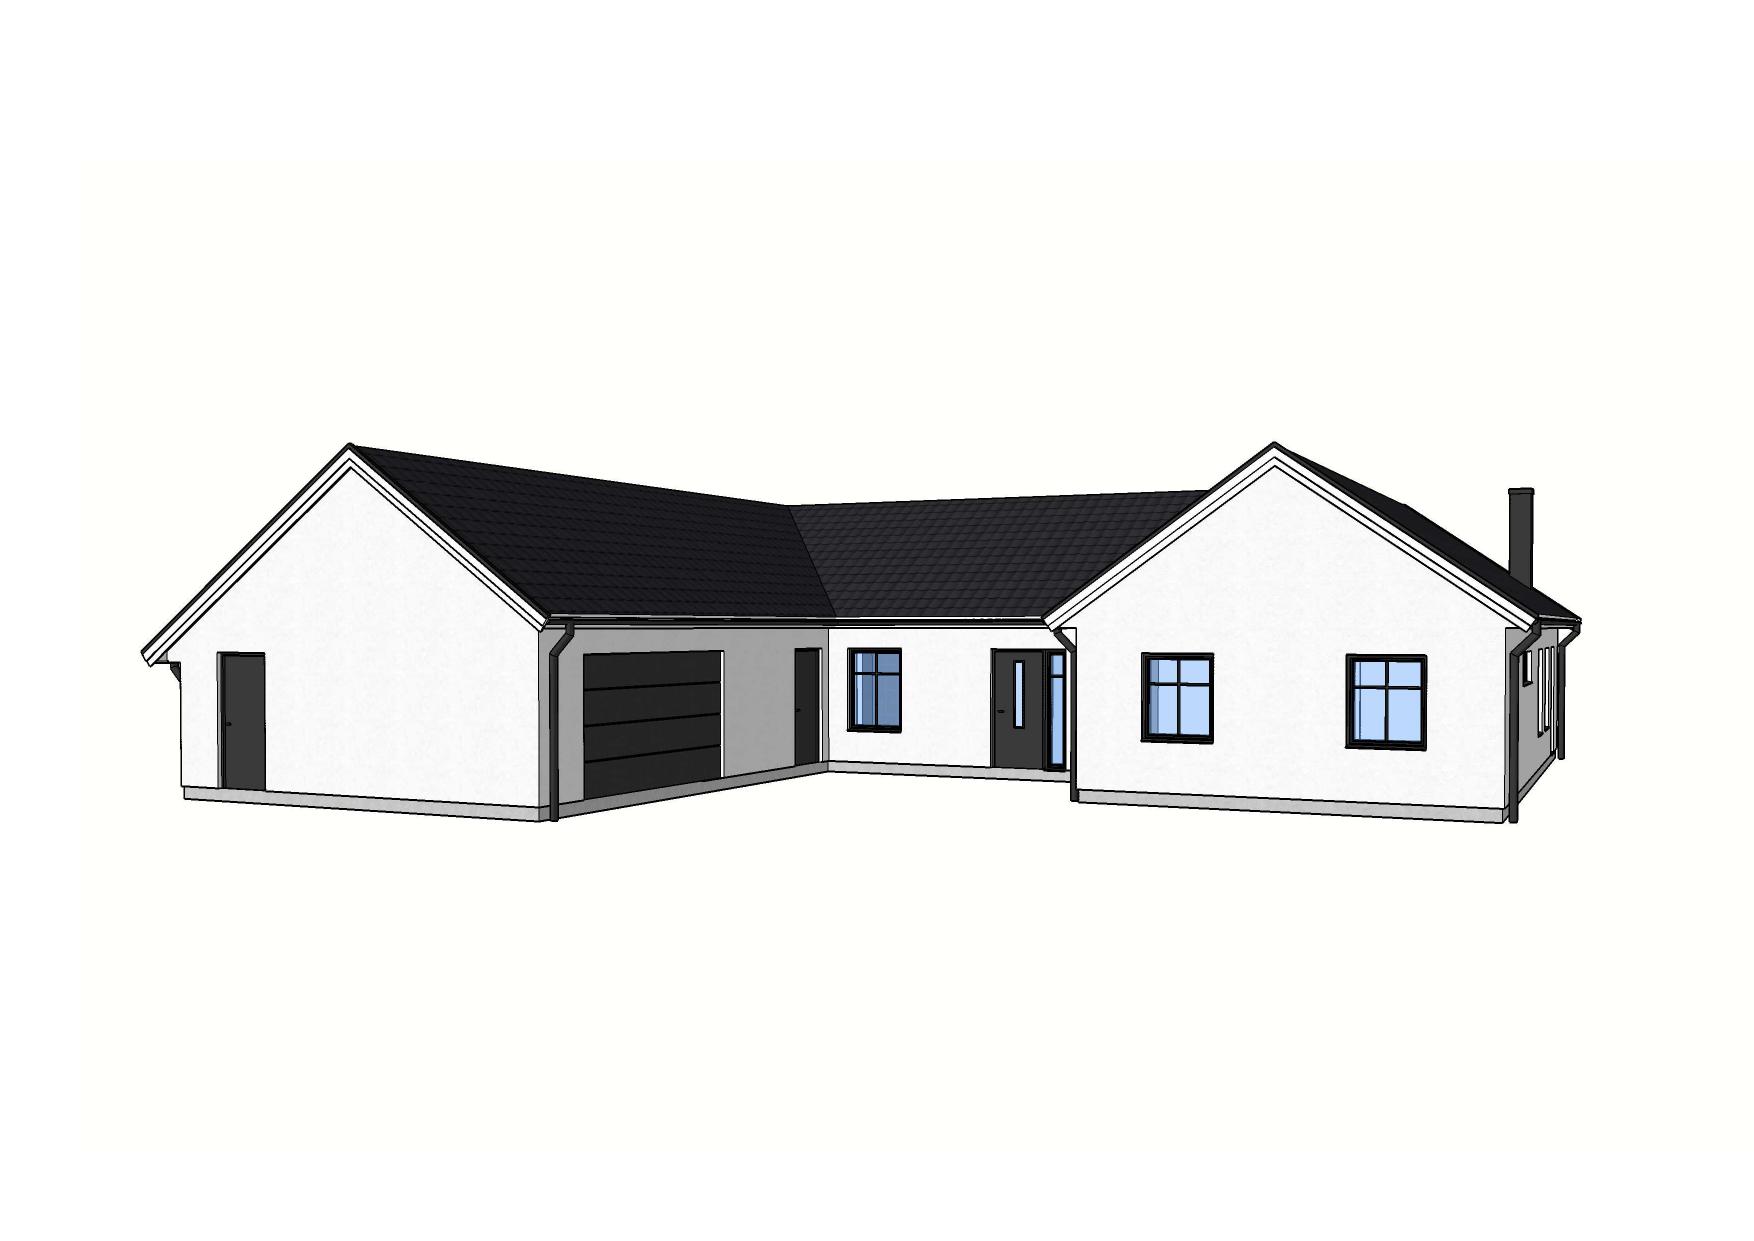 Fasad Hedeskoga – Referenshus